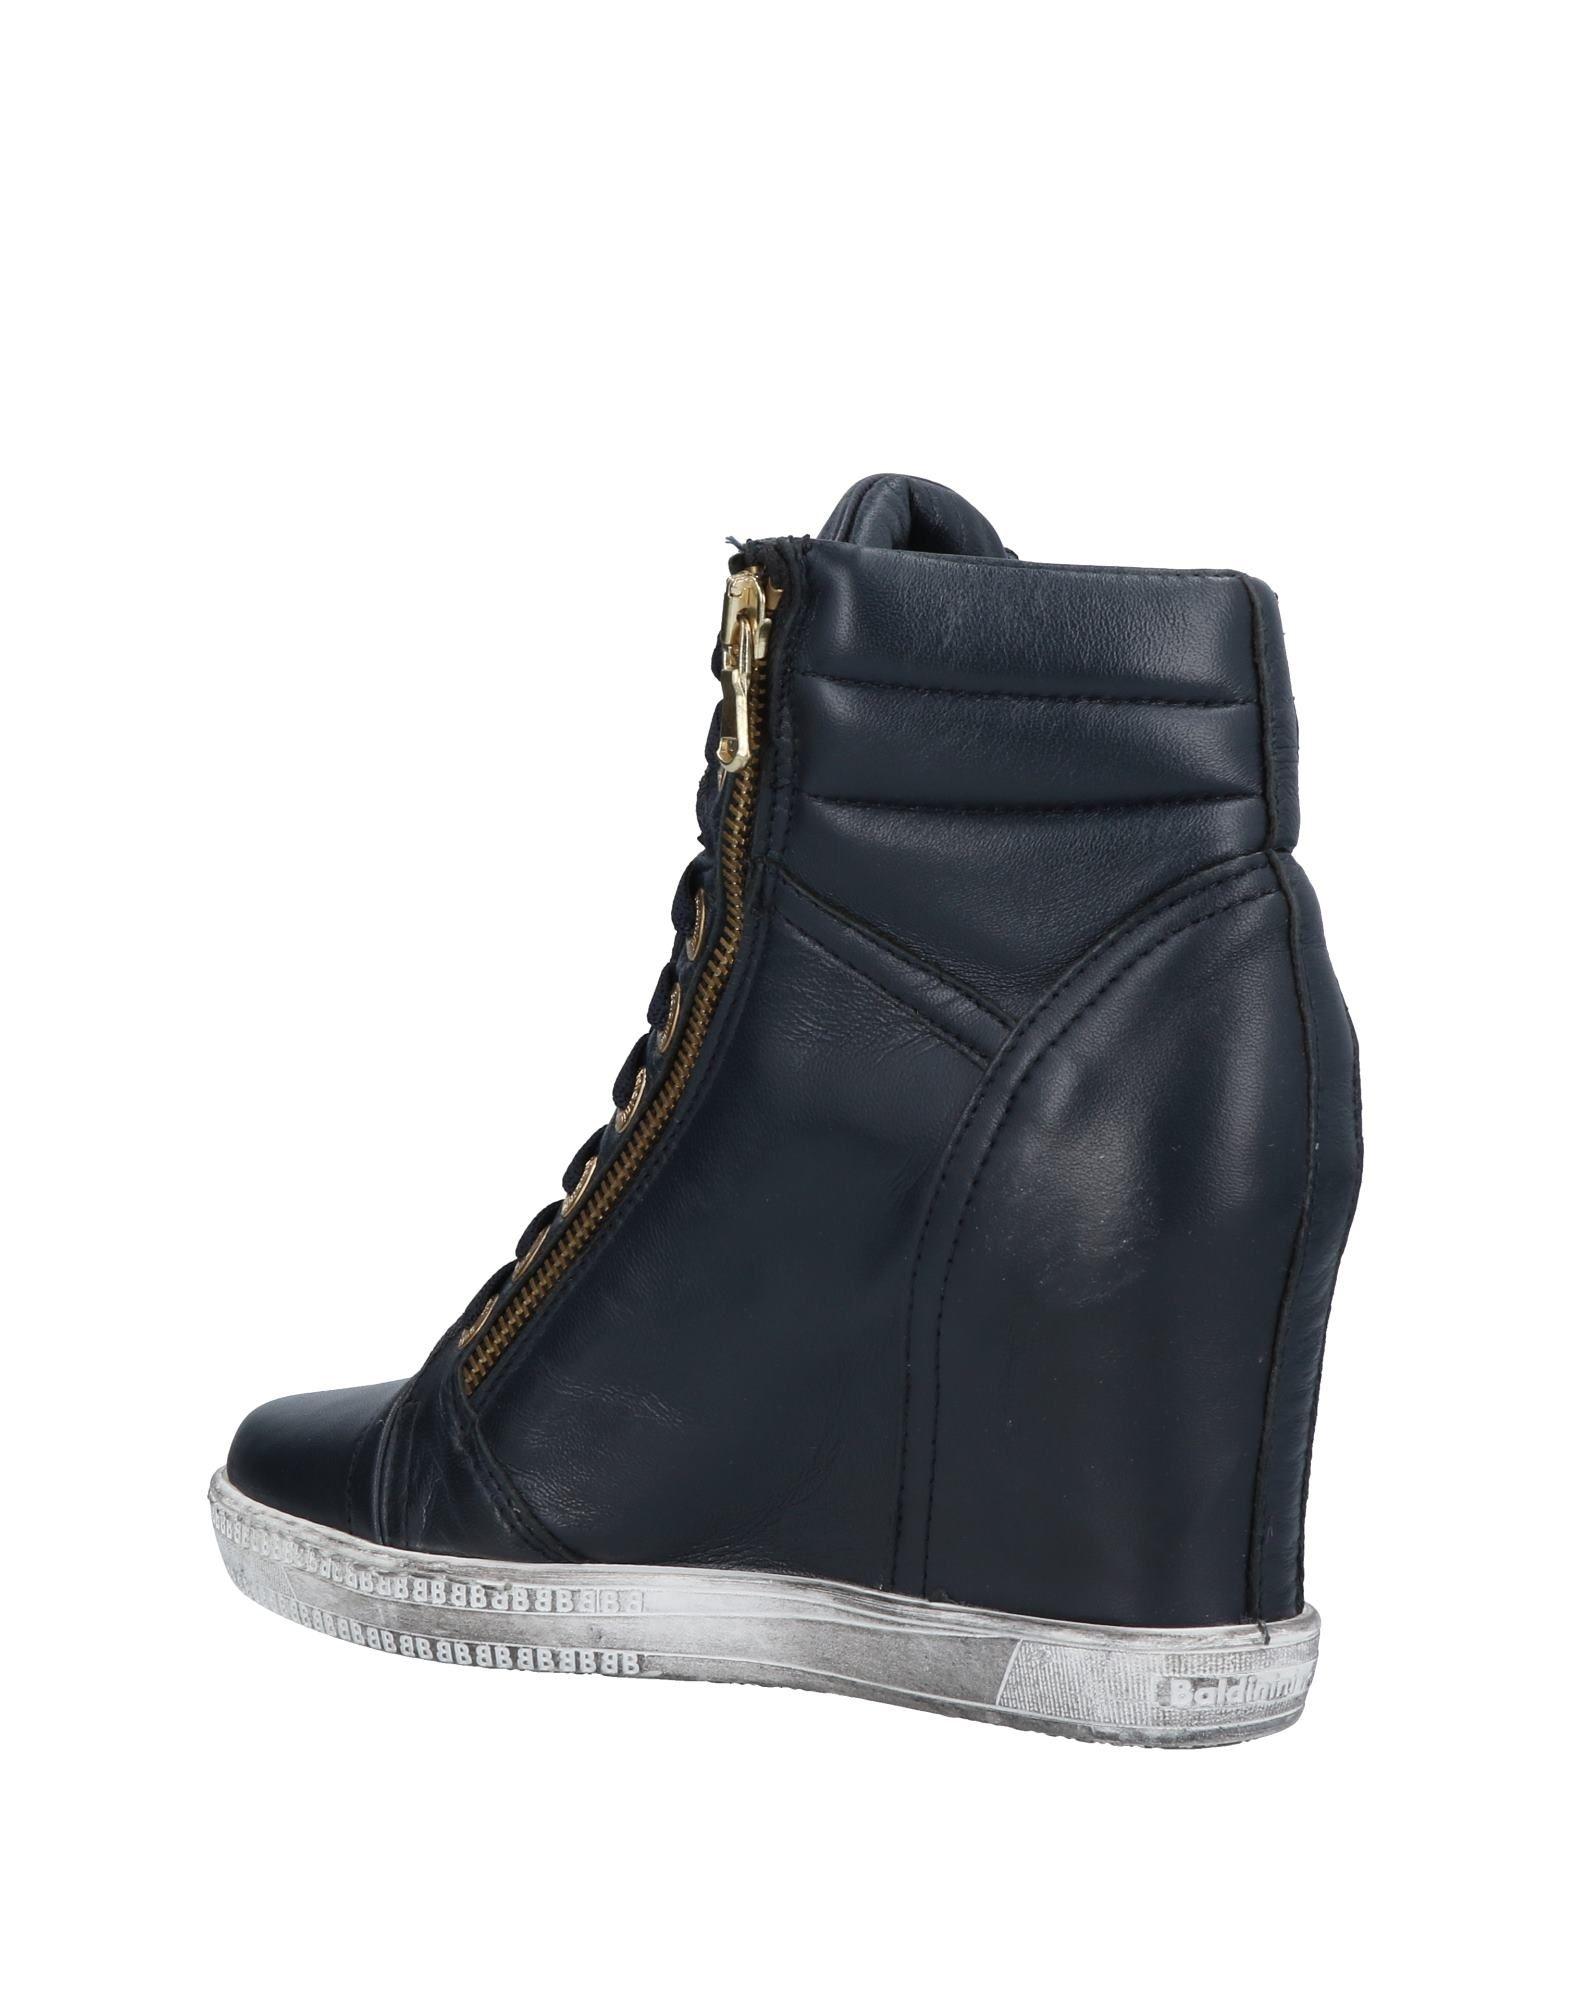 Rabatt Schuhe Baldinini 11468367WG Trend Sneakers Damen  11468367WG Baldinini 05bacc